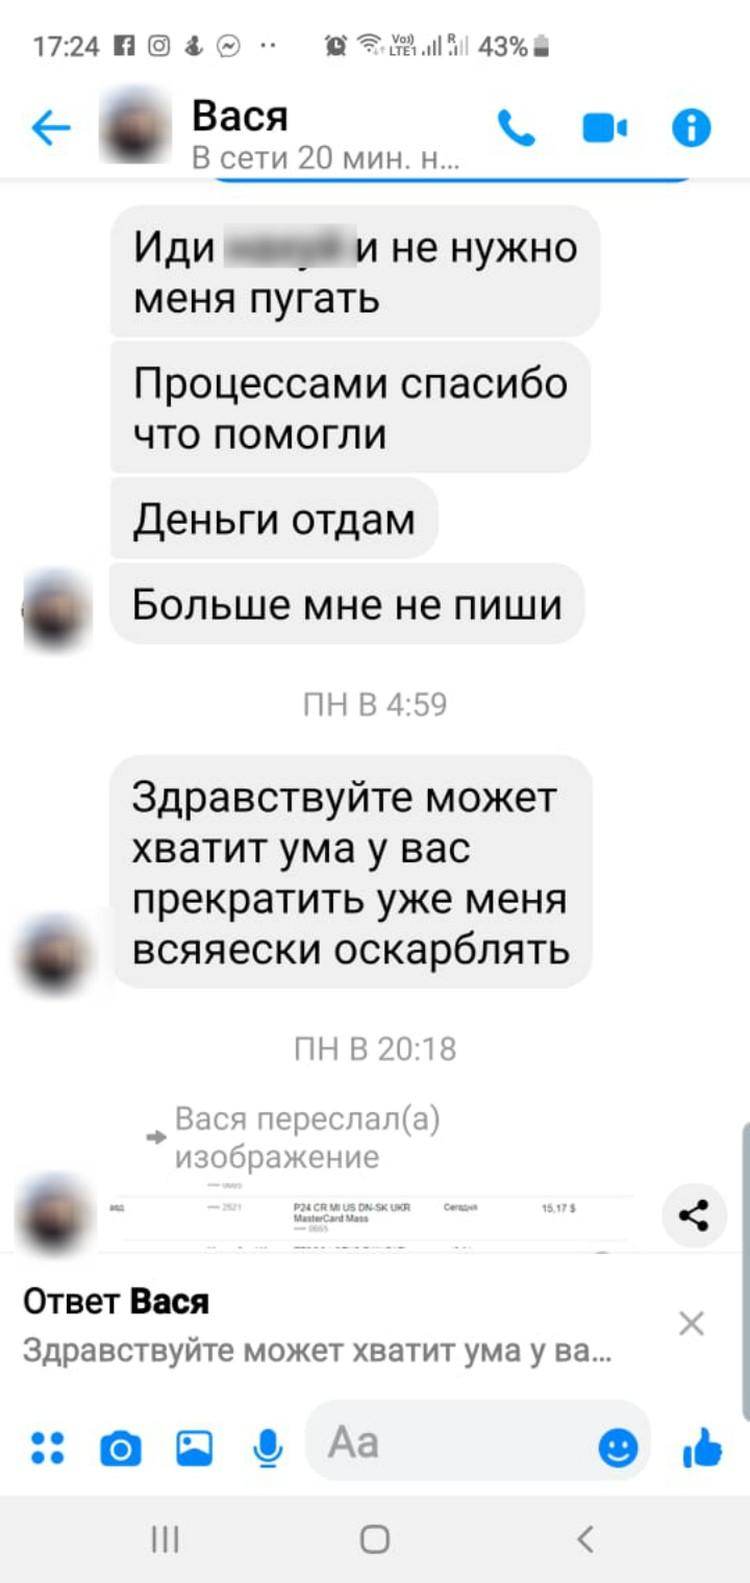 Деньги Василий обещал вернуть, но потом обматерил благотворителей